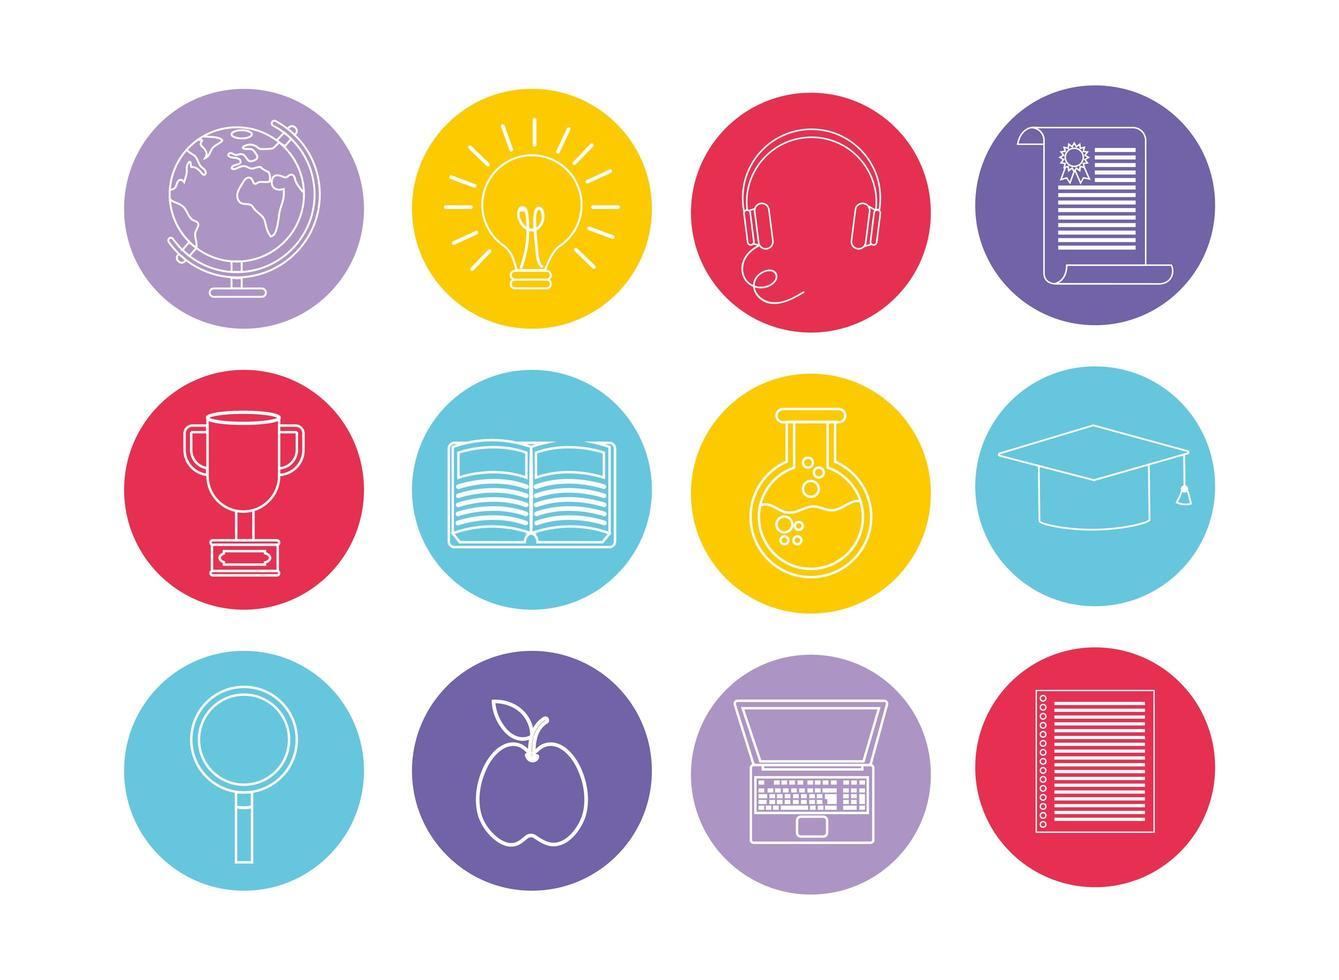 Reihe von Bildung und Lernen Icons vektor